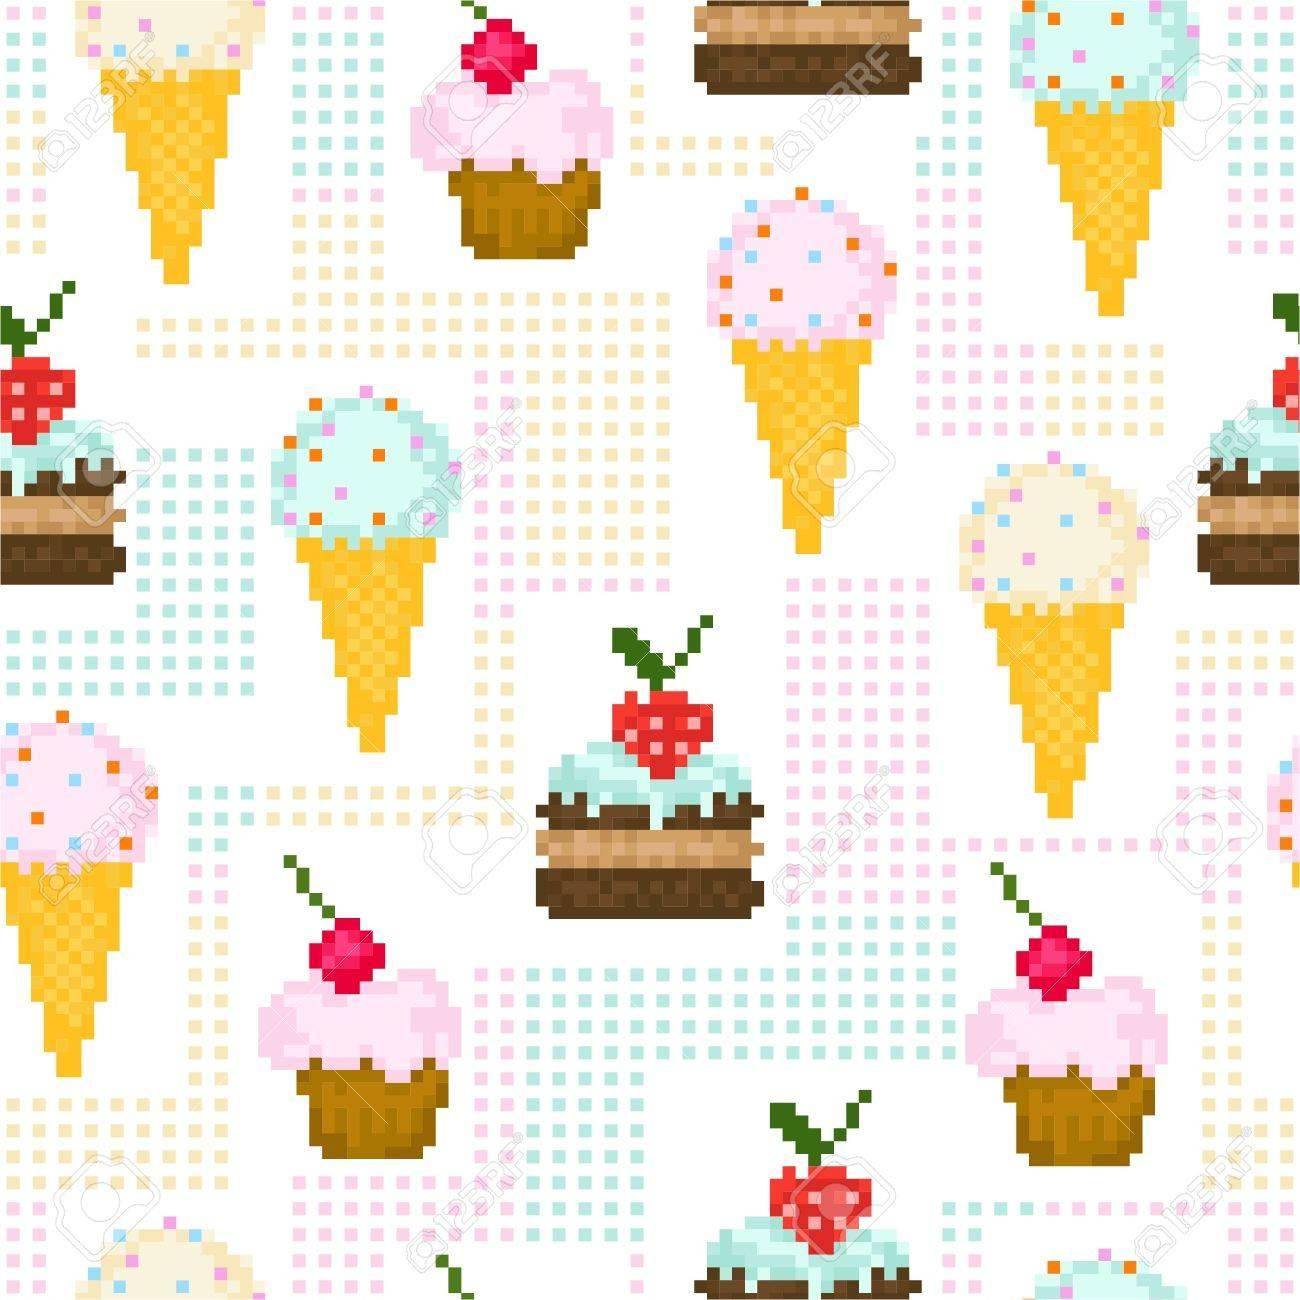 pixel art bonbon